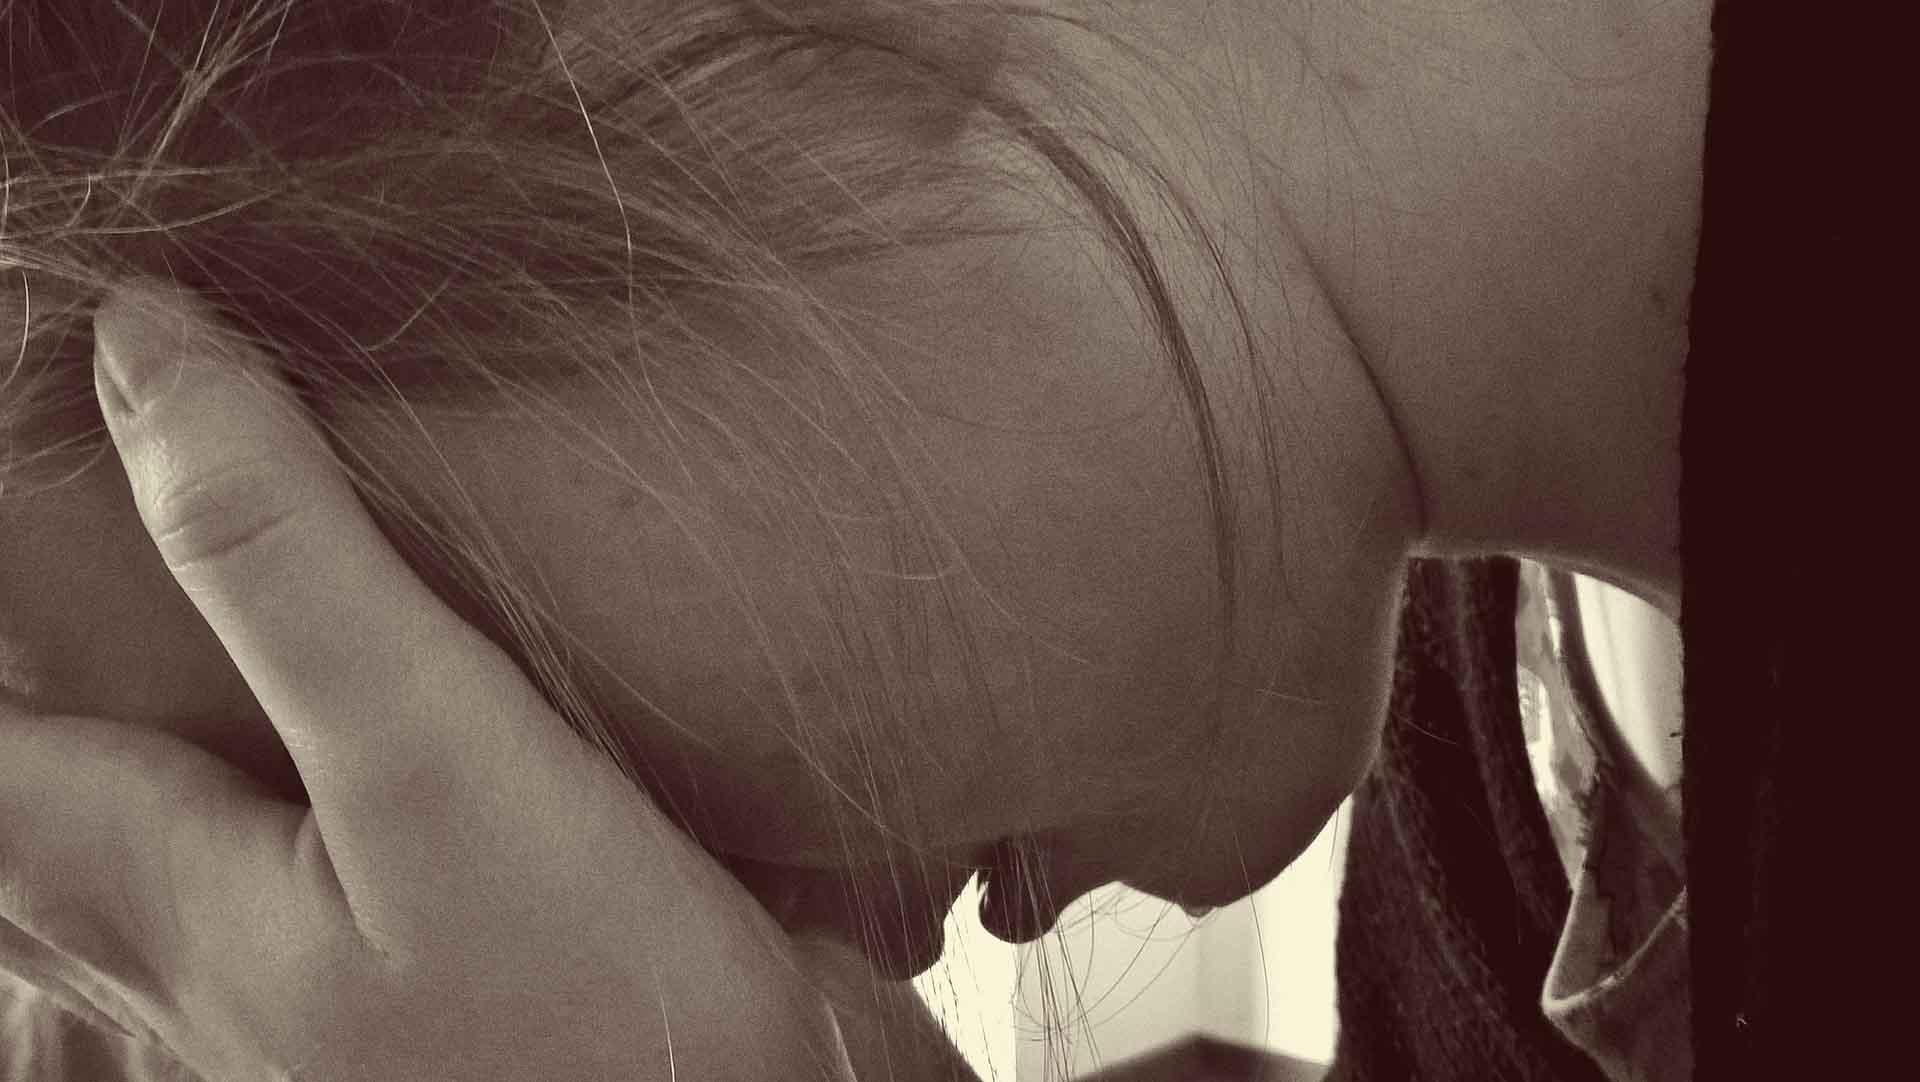 Weinende Frau zum Thema Partydrogen und Prävention